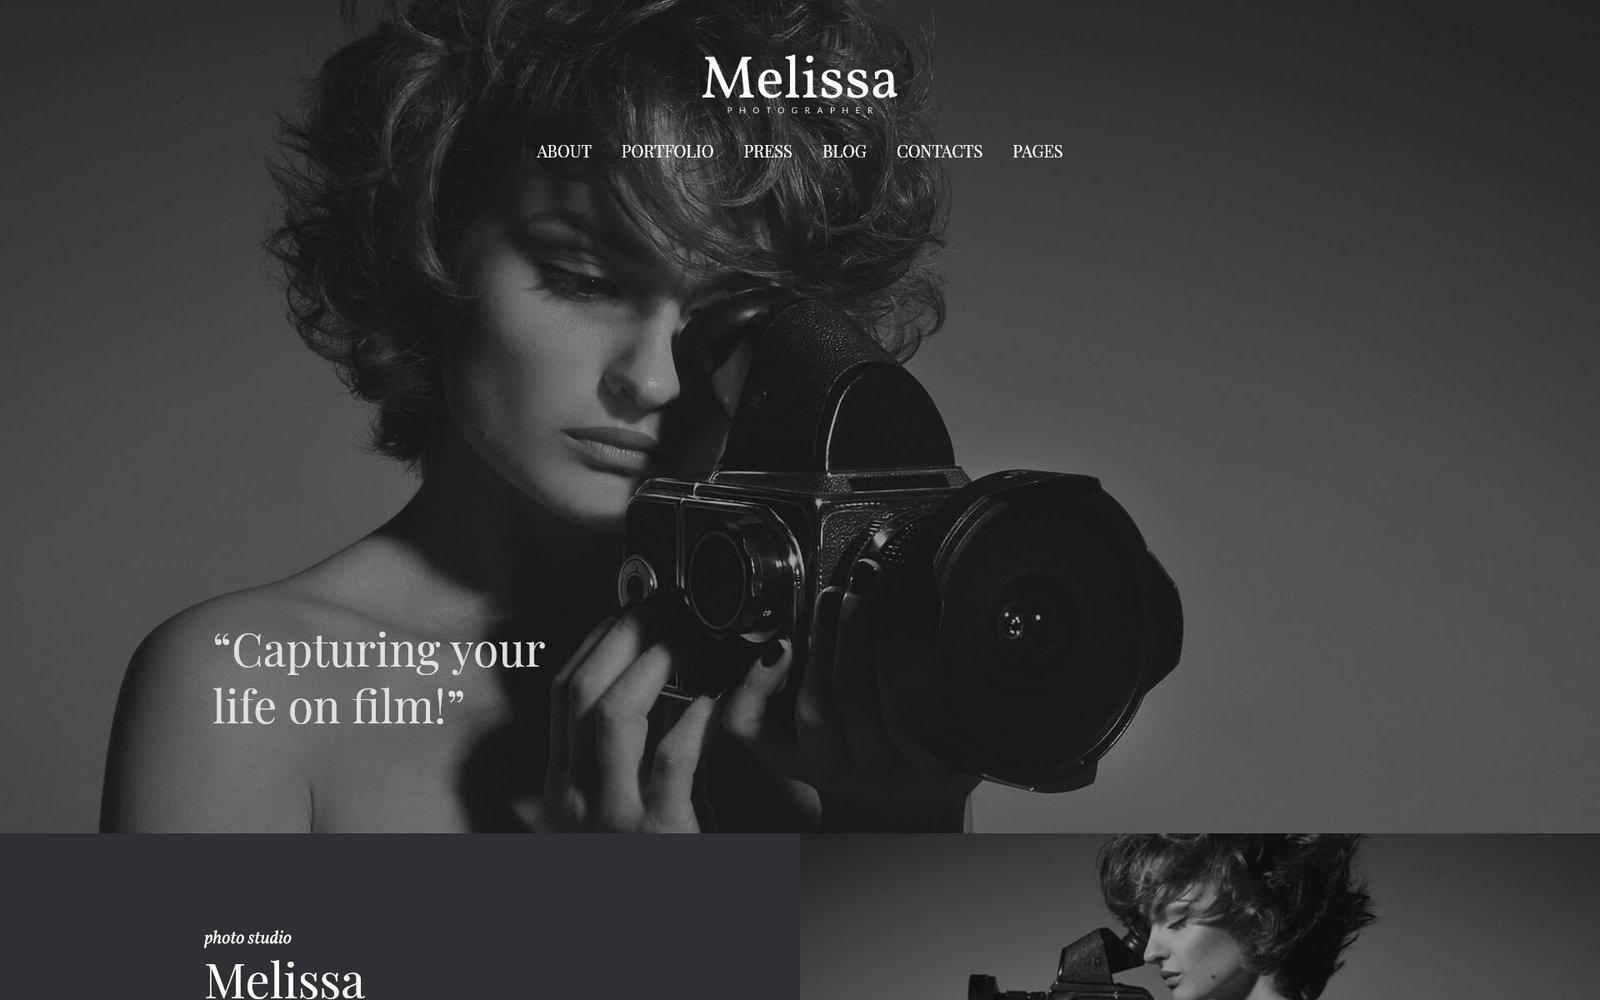 Responsywny motyw WordPress Melissa - responsywny motyw WordPress w temacie Sztuka i fotografia dla portfolio fotograficznego i stron foto studio #52153 - zrzut ekranu